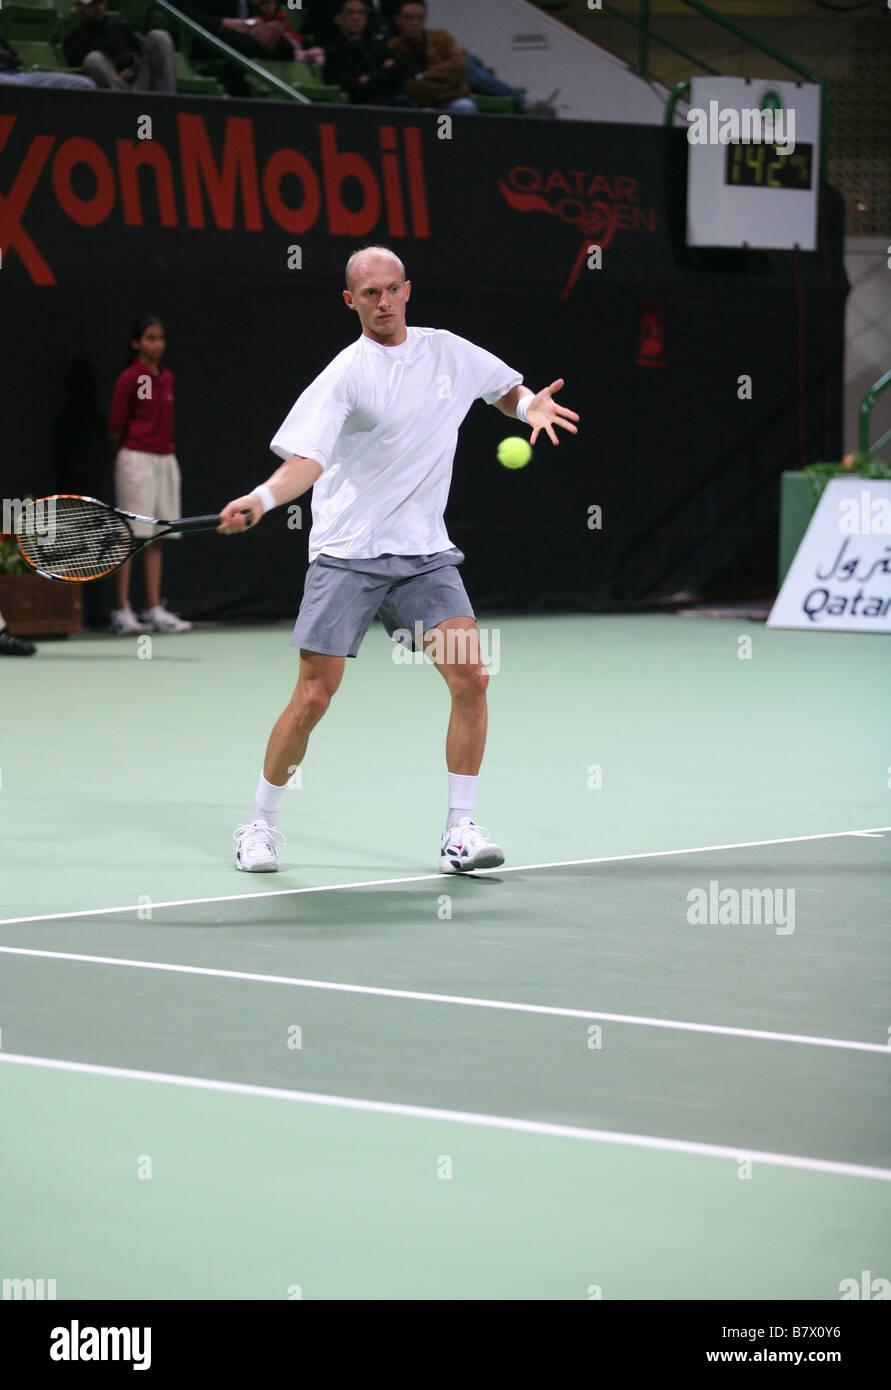 Estrella ruso Nikolay Davydenko jugando en Doha (Qatar) el 5 de enero de 2007 en Qatar en el Torneo Abierto de Tenis de ExxonMobil Foto de stock